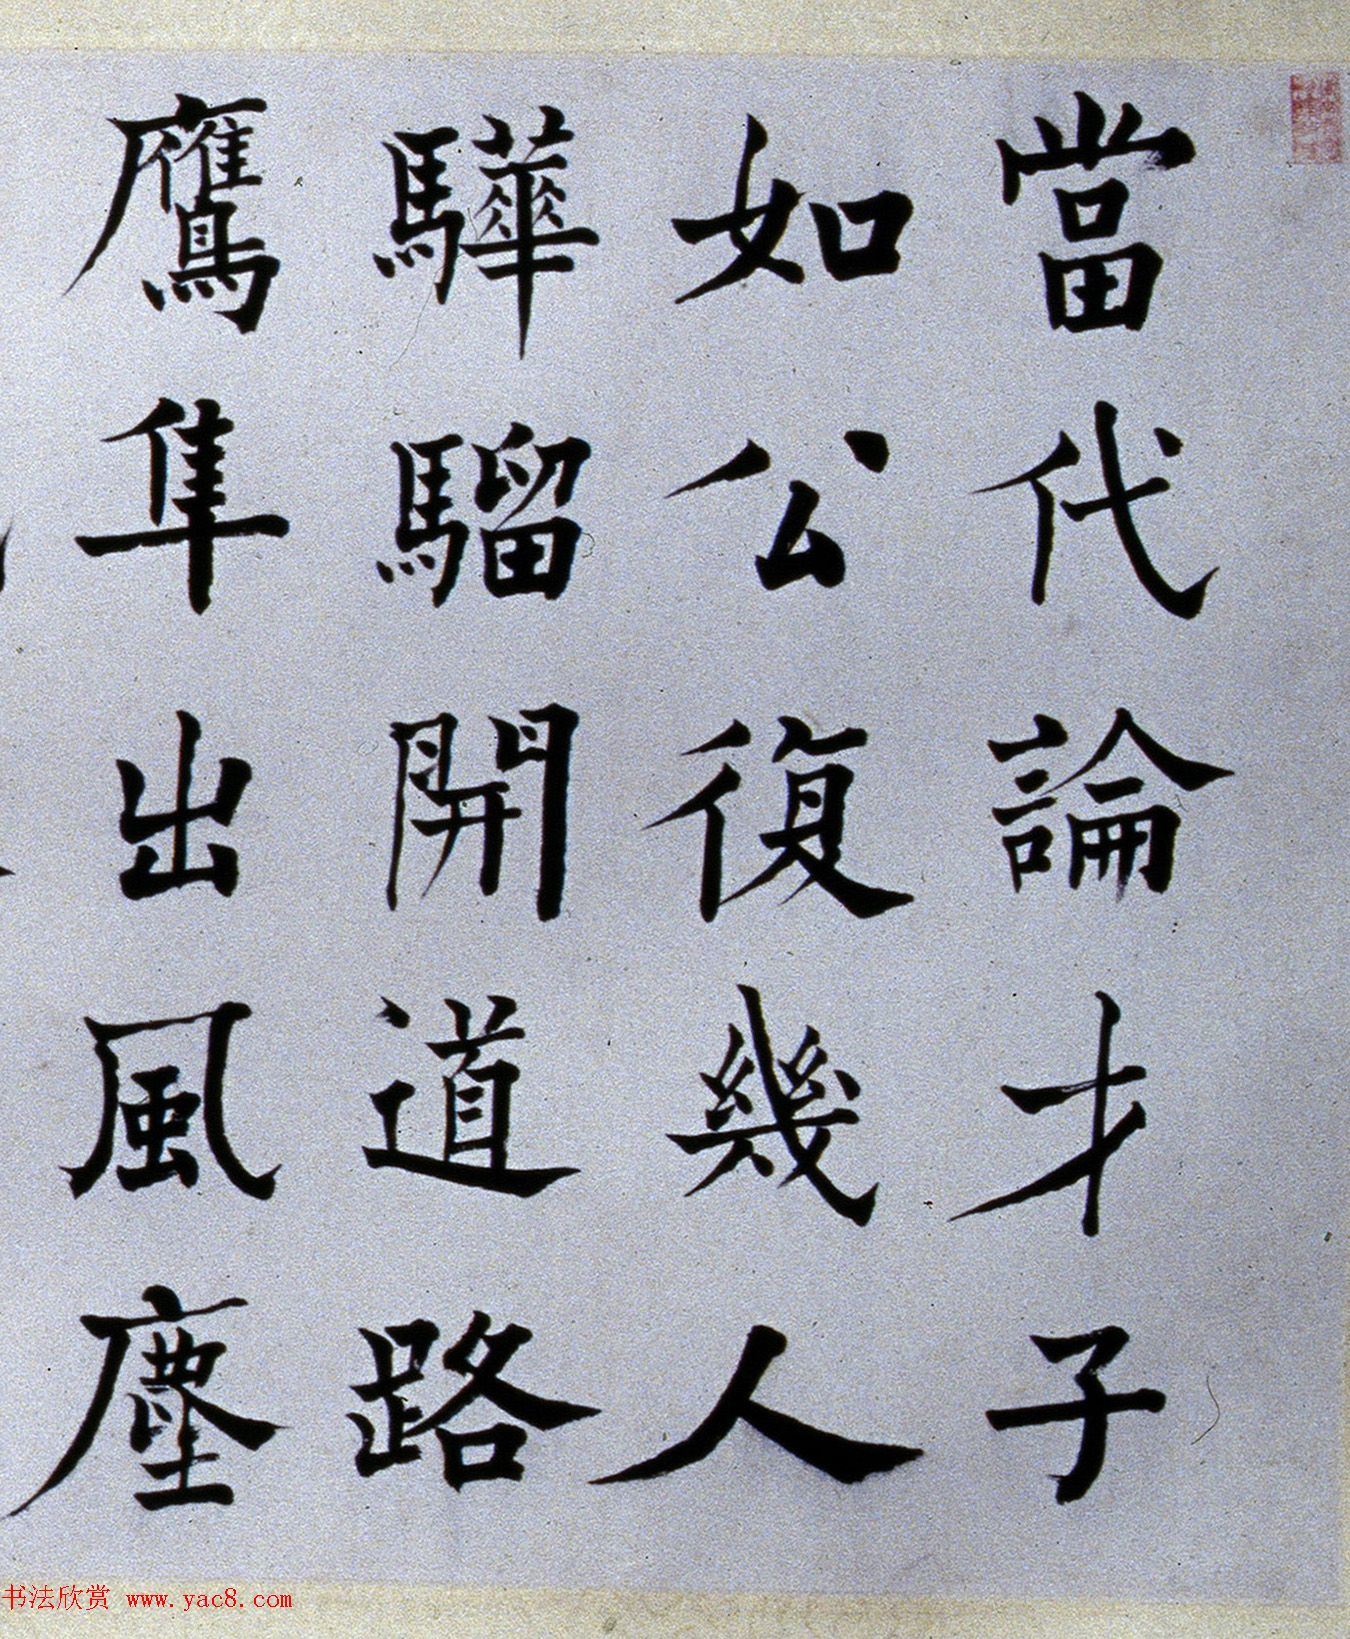 何绍基楷书手卷《杜甫诗三首》